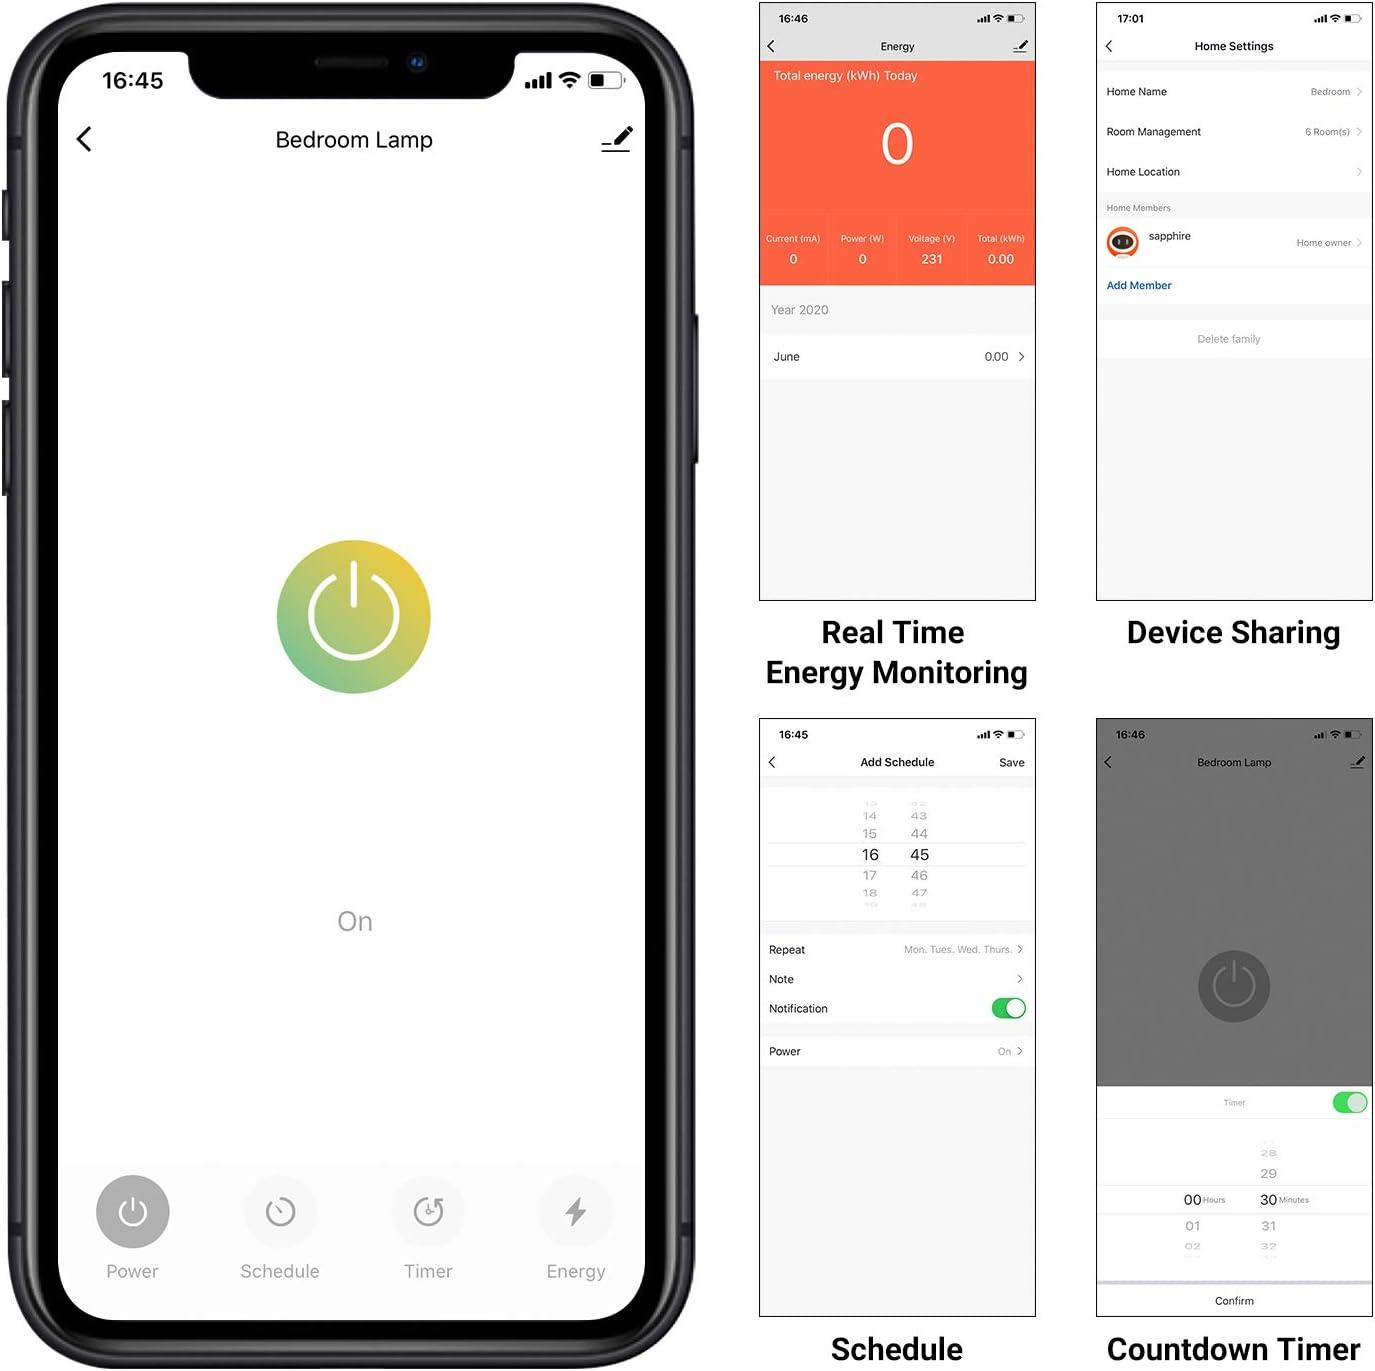 INK-WP02 Enchufe Inteligente 2.4GHz Wifi Smart Plug Compatible con Alexa y Google Assistant con Aplicaci/ón de Control Remoto para iOS y Android Controlar su Dispositivo Desde Cualquier Lugar